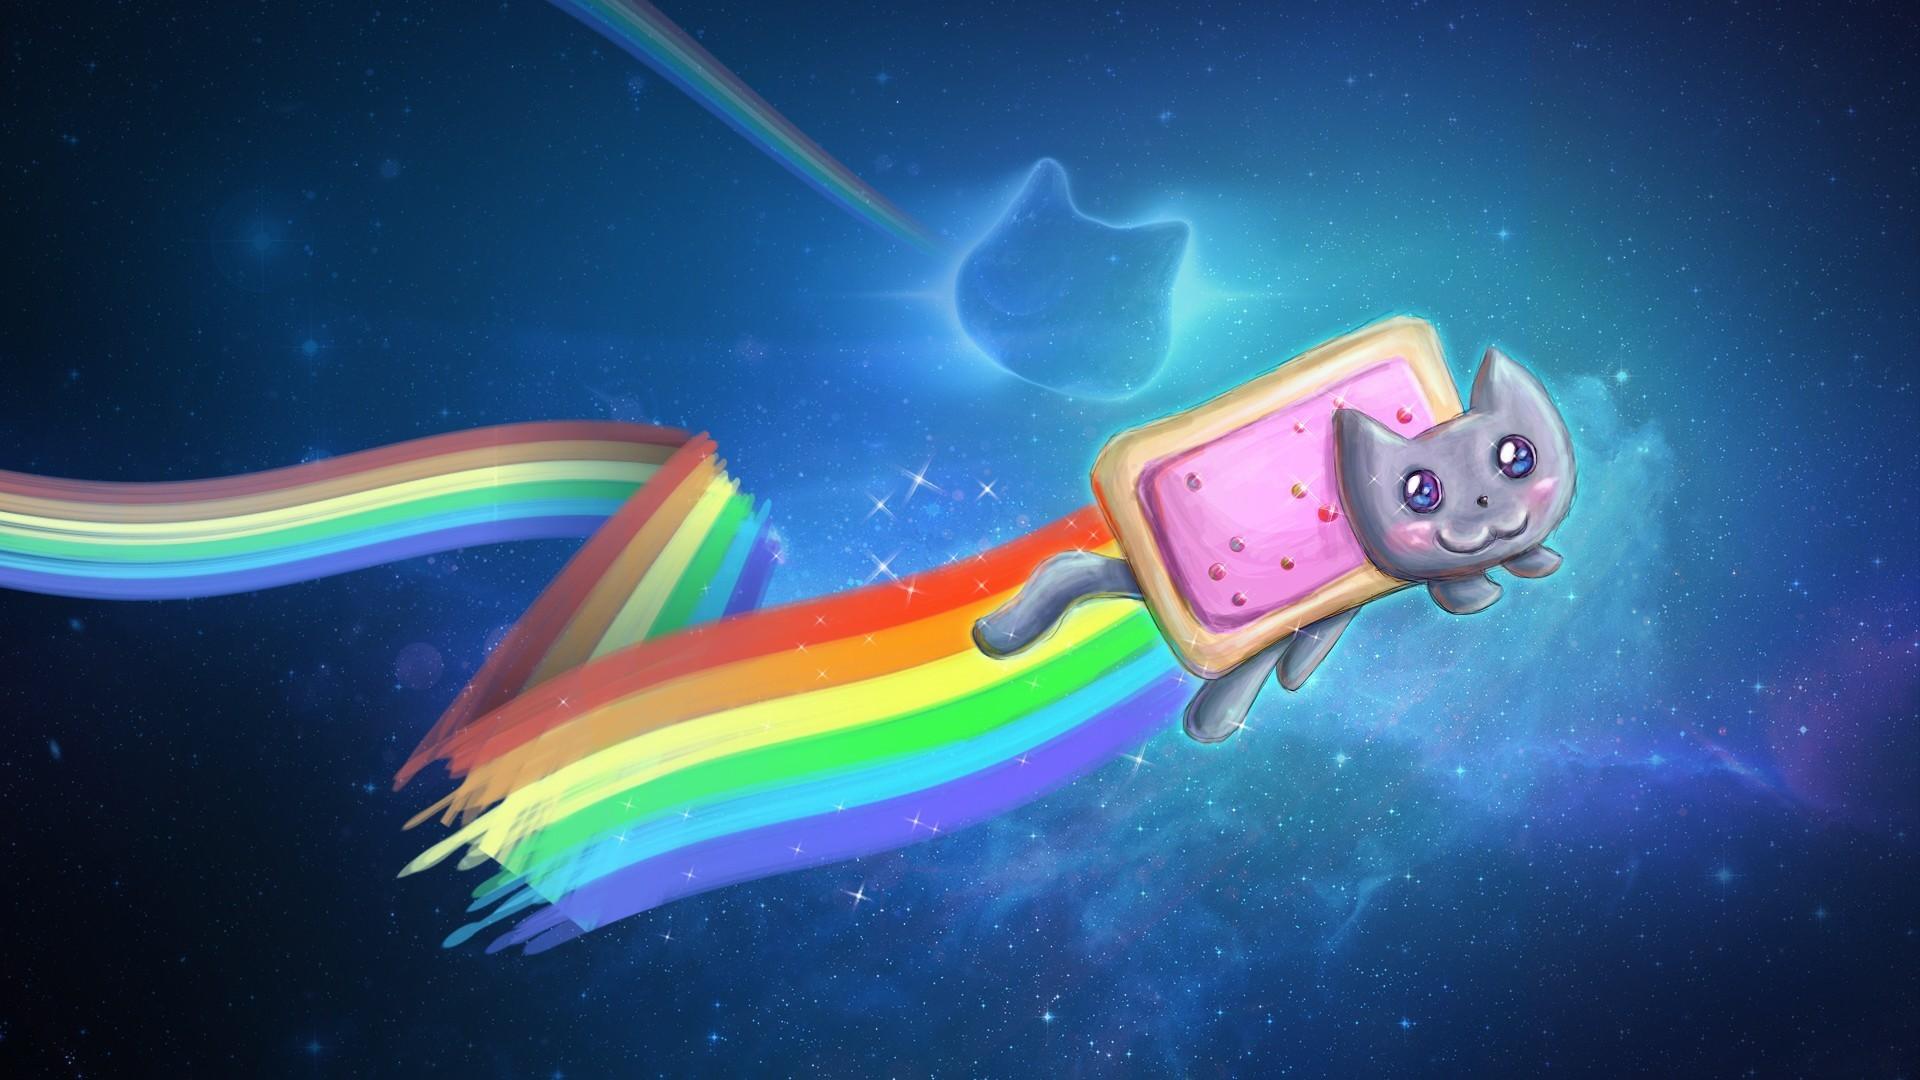 Tapety Ilustrace Prostor Kreslena Pohadka Pod Vodou Nyan Cat